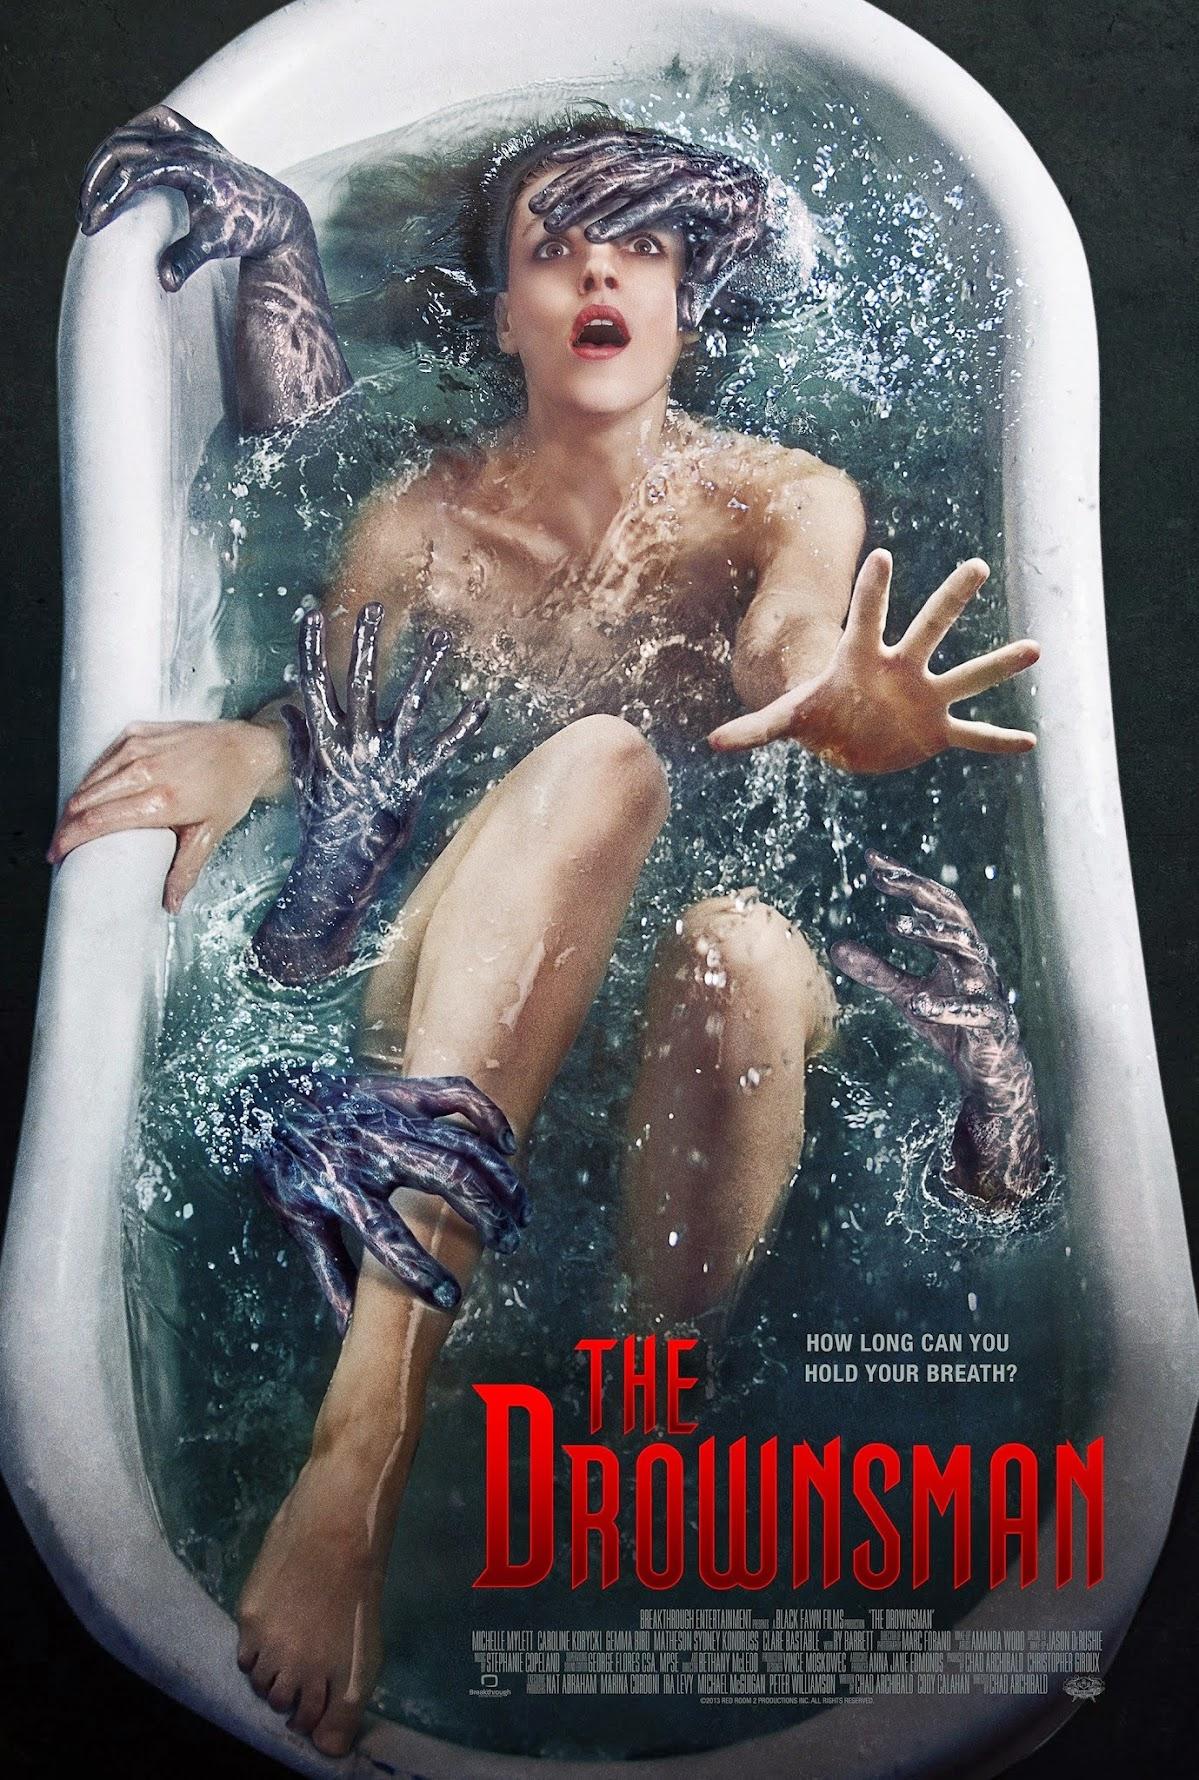 http://3.bp.blogspot.com/-Ws3UgfbV7Vs/U0mIYic3gzI/AAAAAAAAVVQ/I-_ltdbXarw/s1780/The_Drownsman_Oficial_Poster_JPosters.jpg